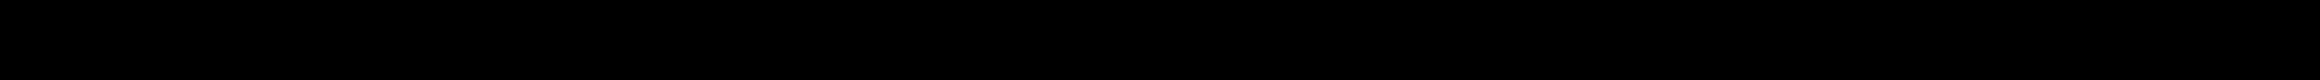 BILSTEIN MS 08/7 Kit montaggio, Ammortizzatore